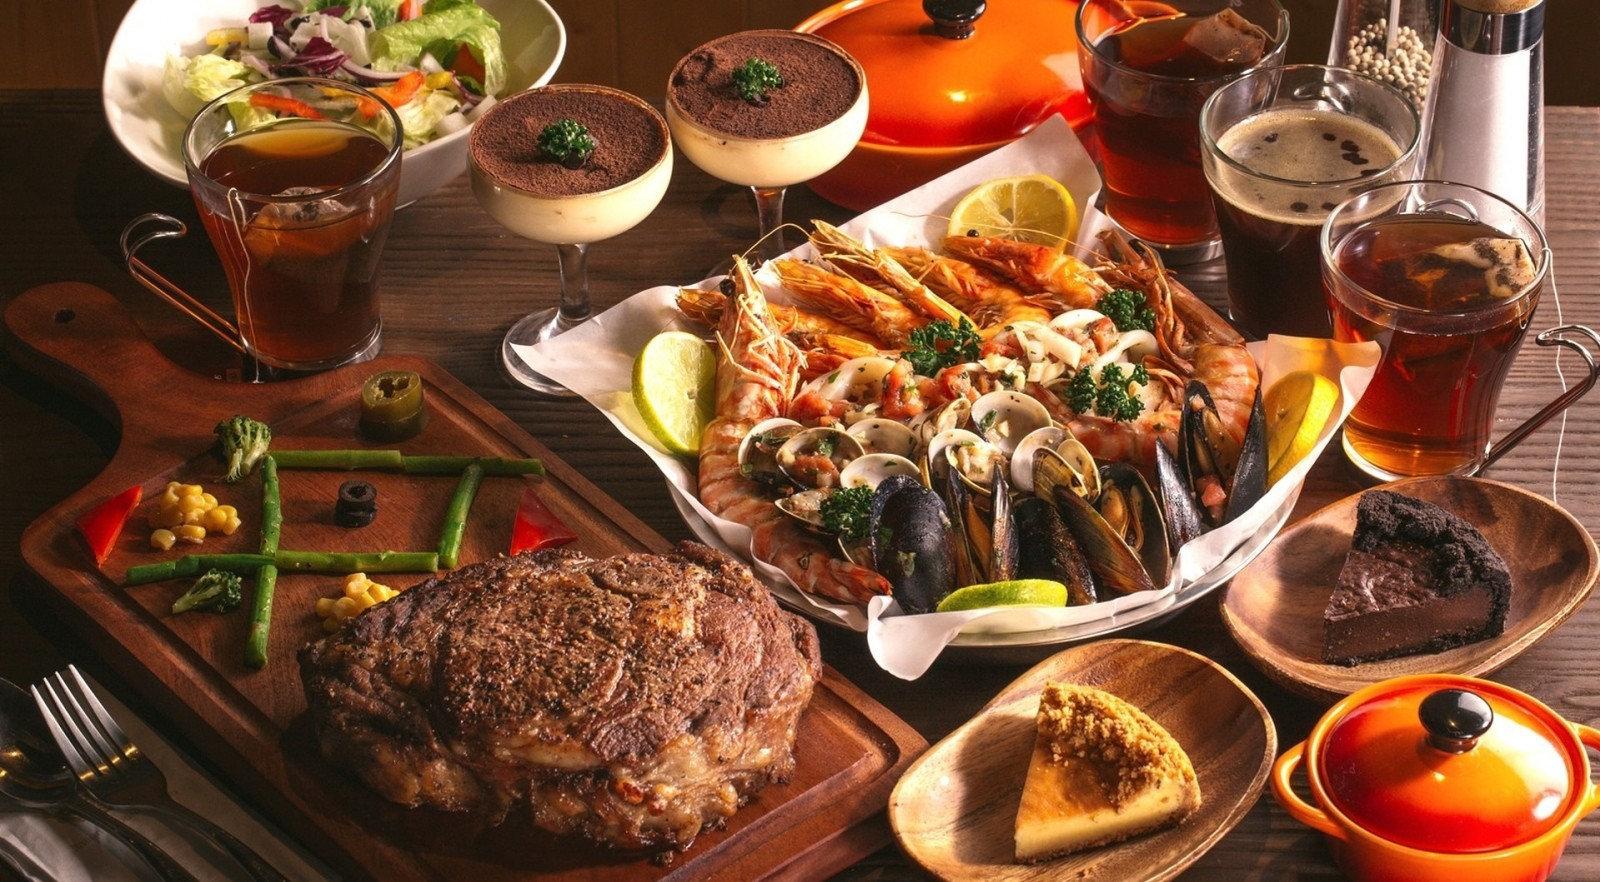 food_steak_wine_dessert_Sea_food-65559.j